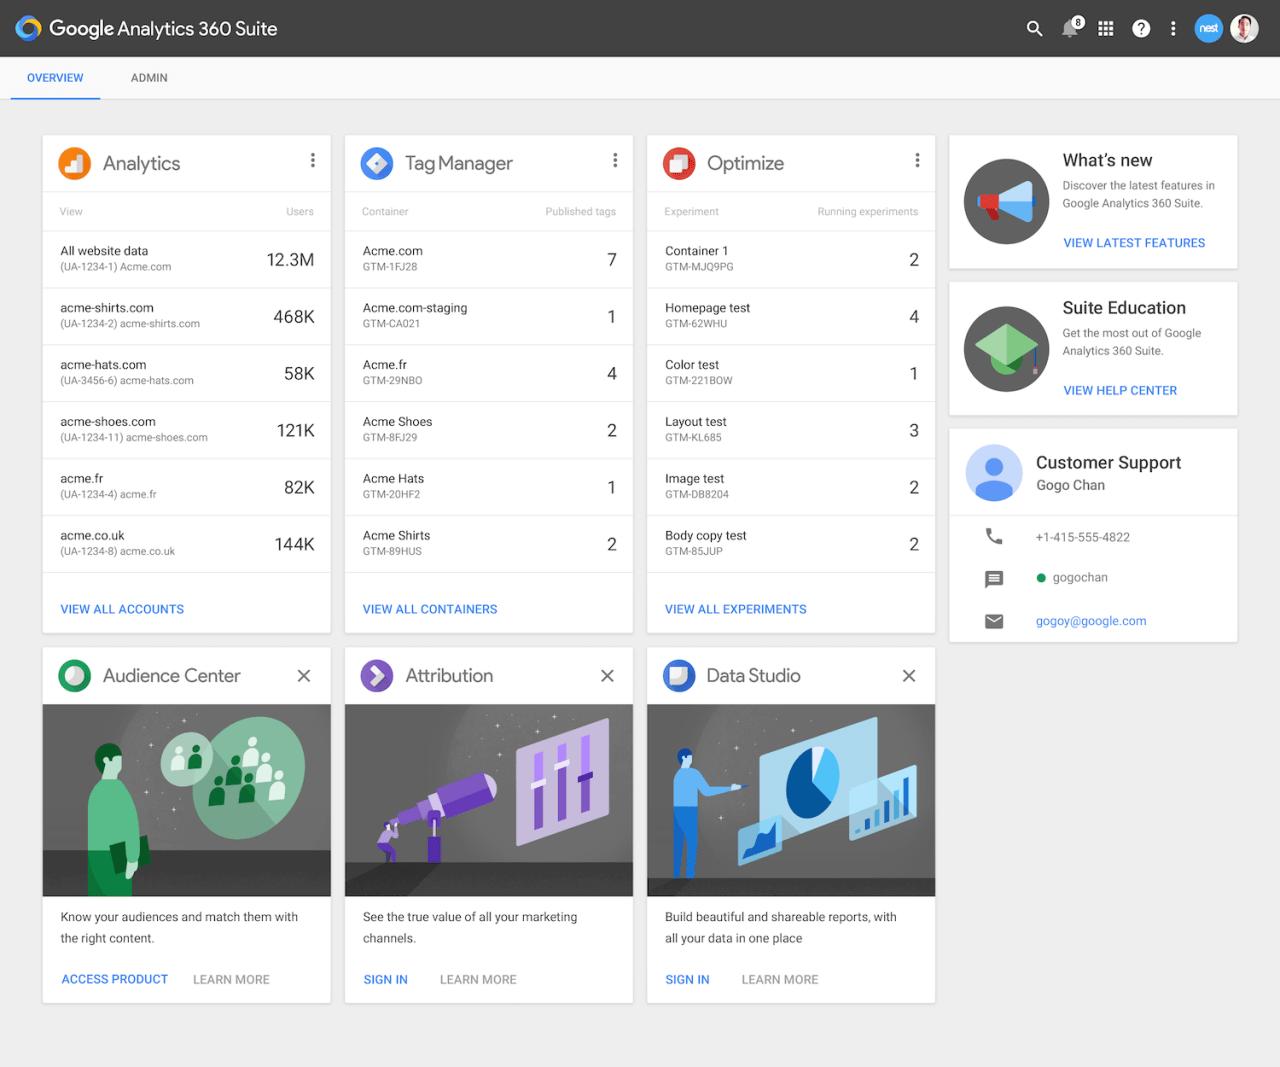 Google-Analytics-360-Suit